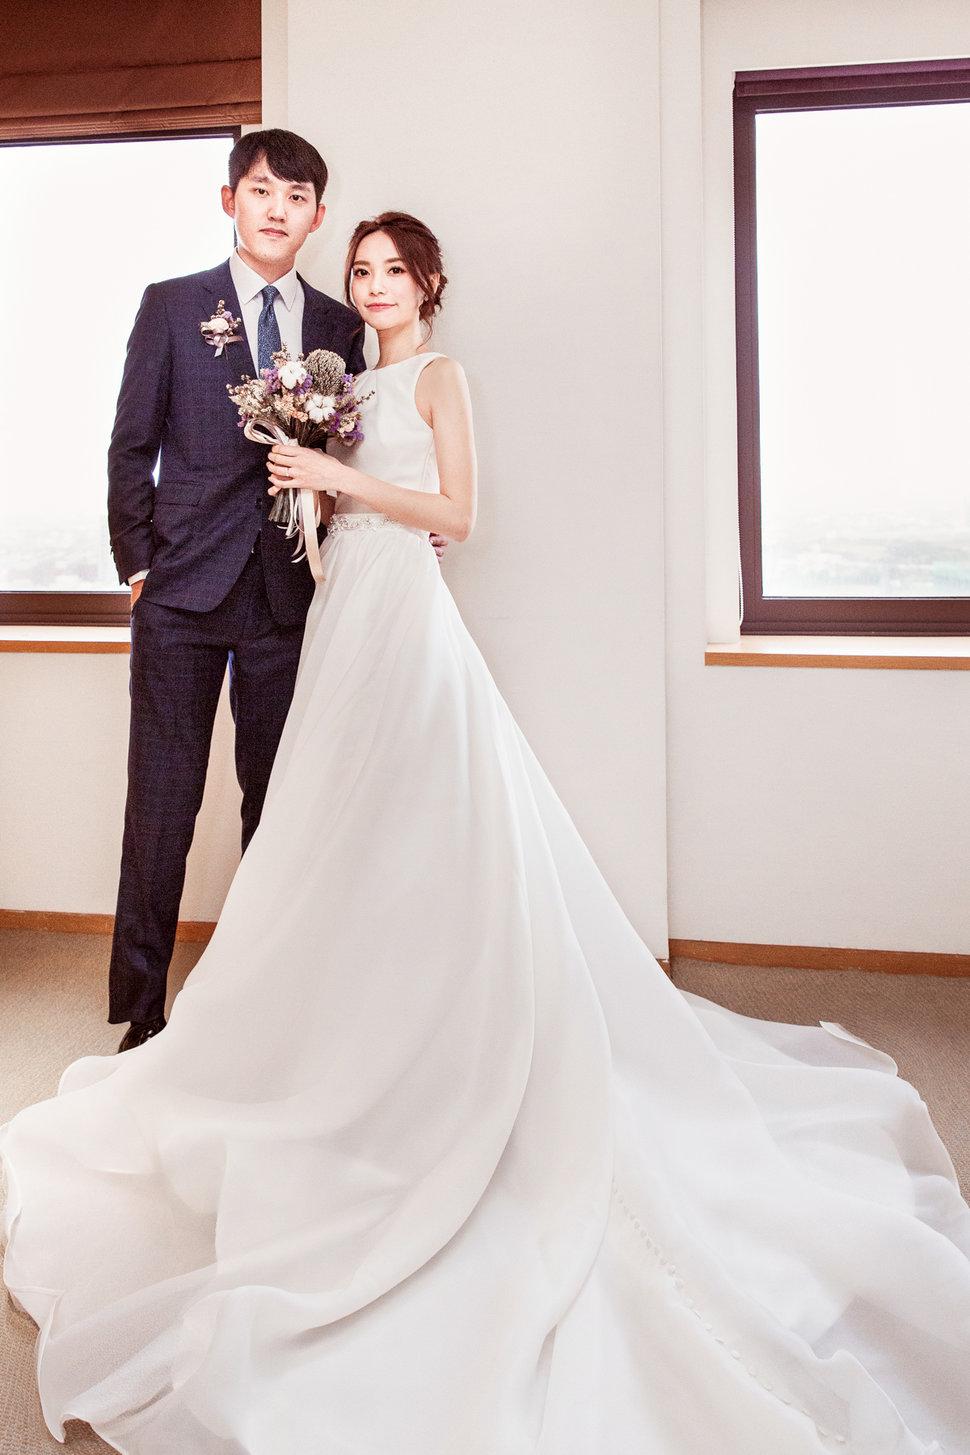 1H6A0406 - Inge Studio英格影像 - 結婚吧